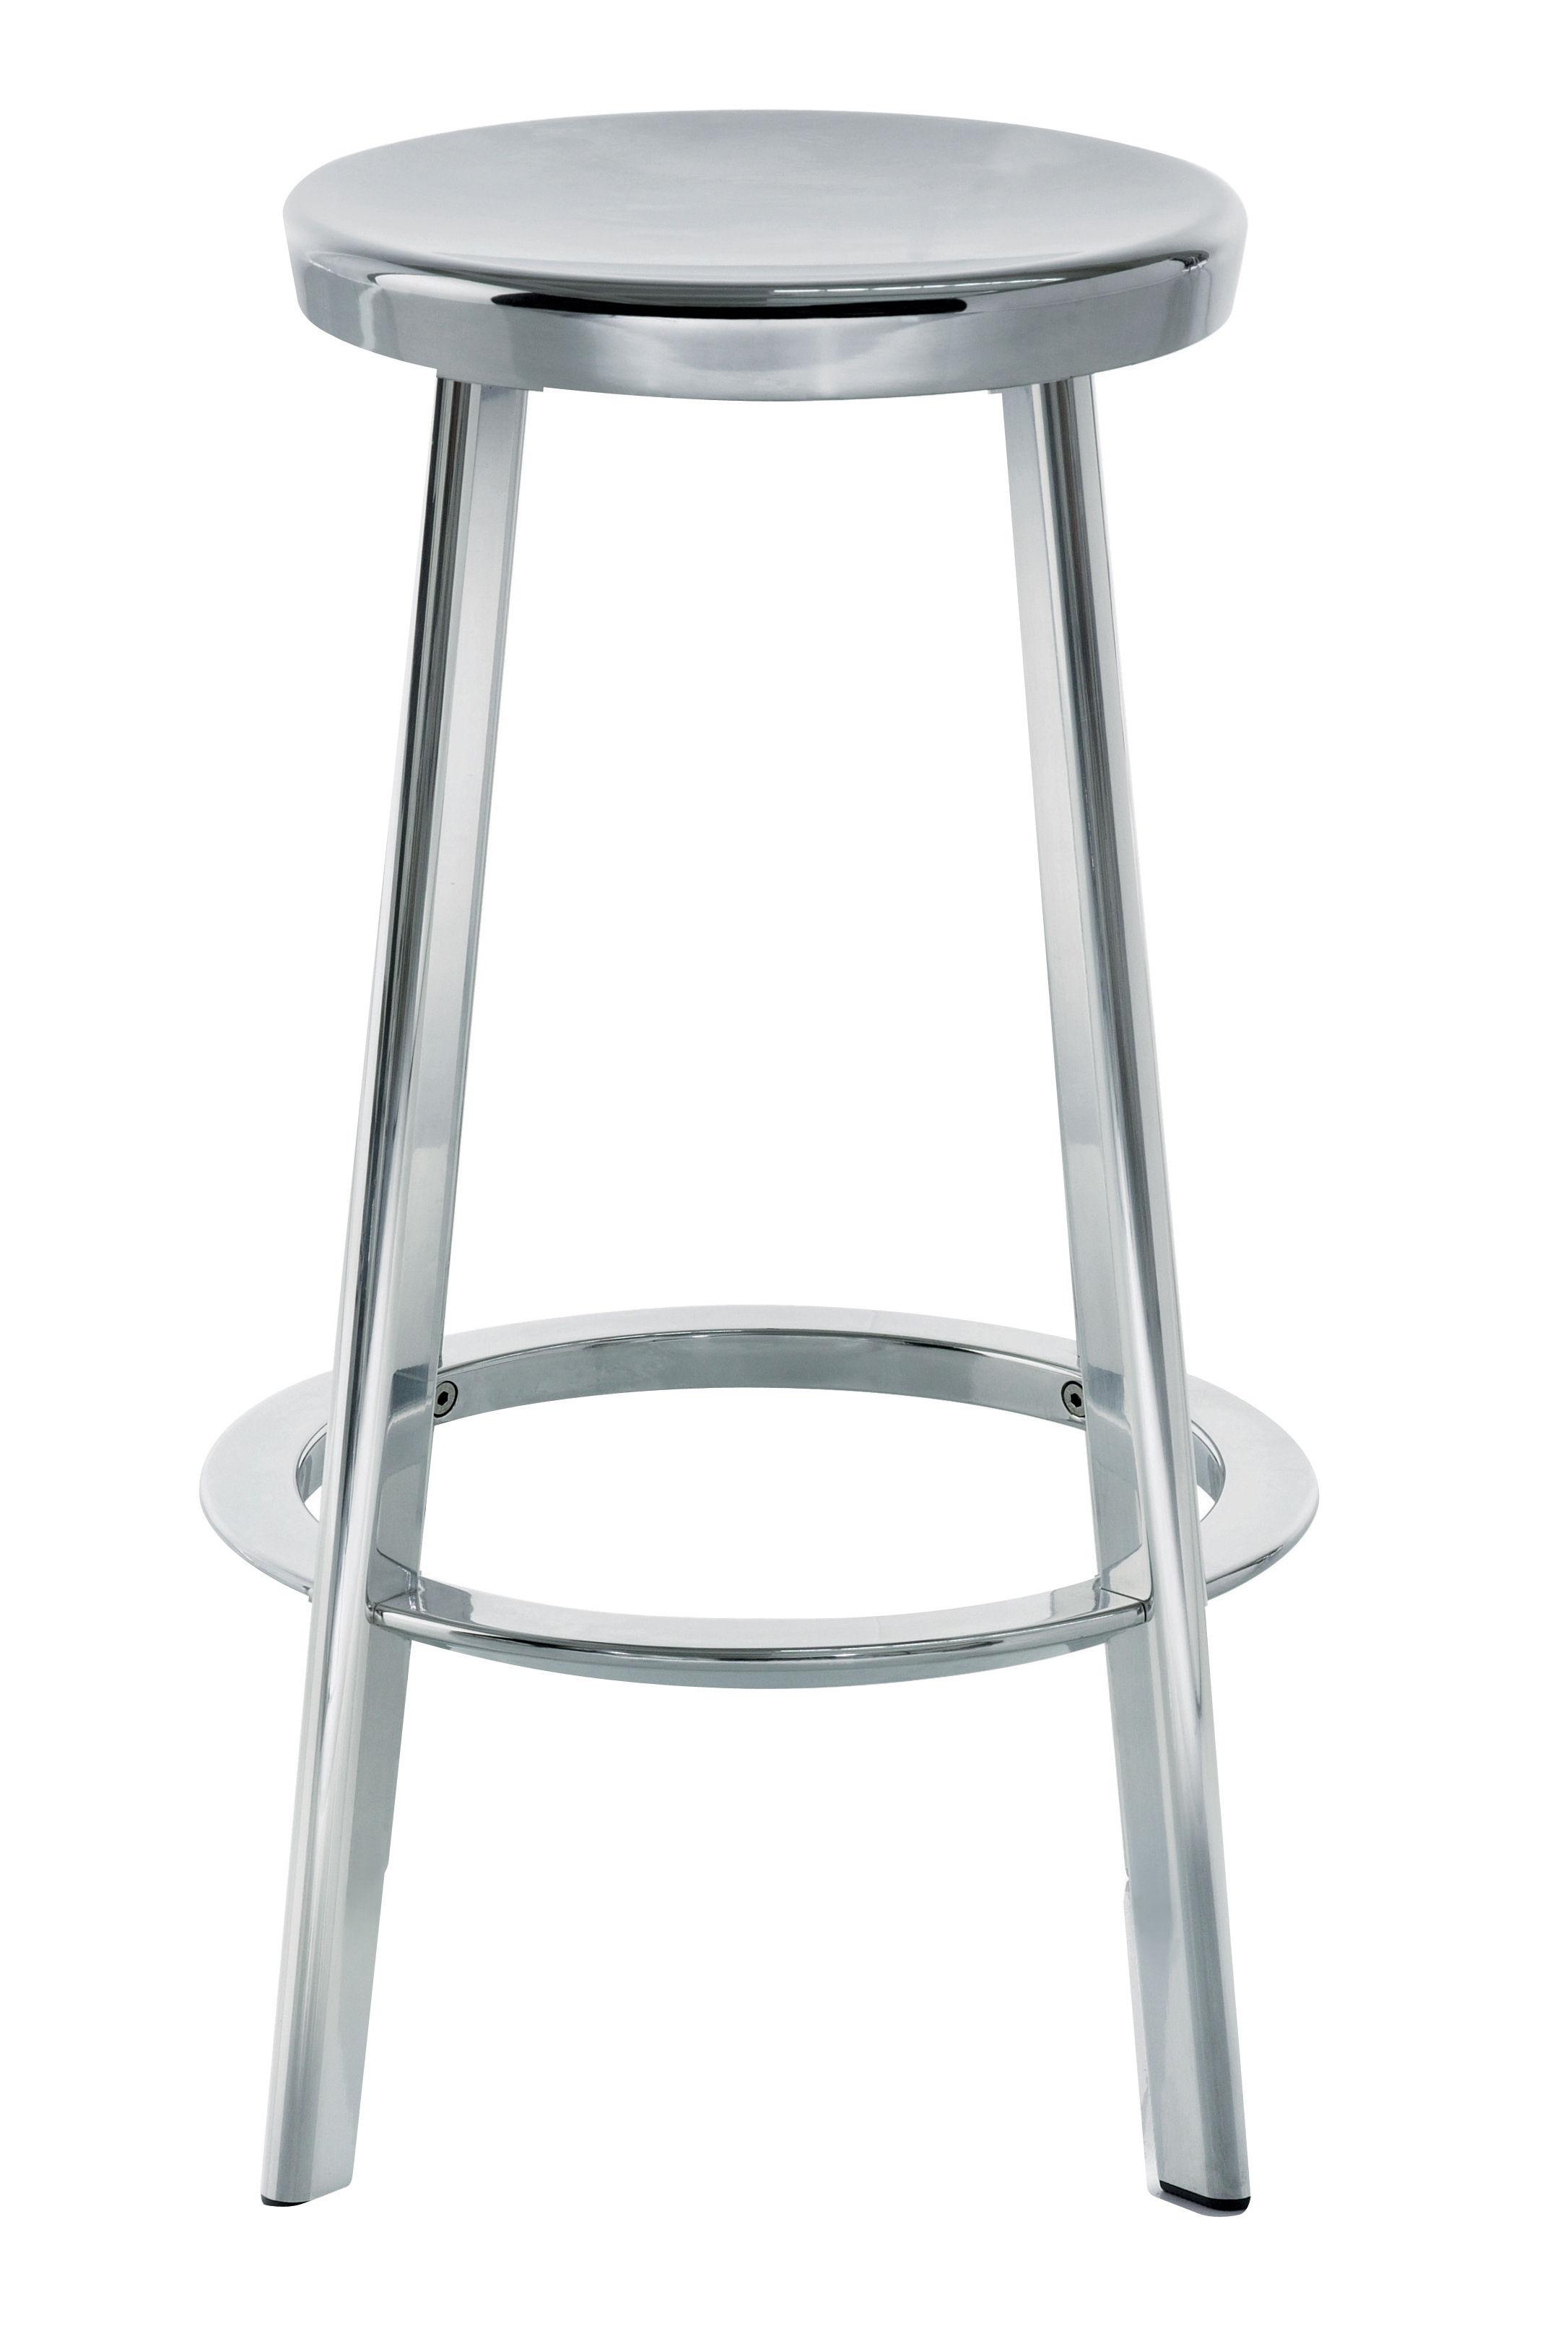 Arredamento - Sgabelli da bar  - Sgabello bar Déjà-vu di Magis - Alluminio - Alluminio lucido, Ghisa di alluminio